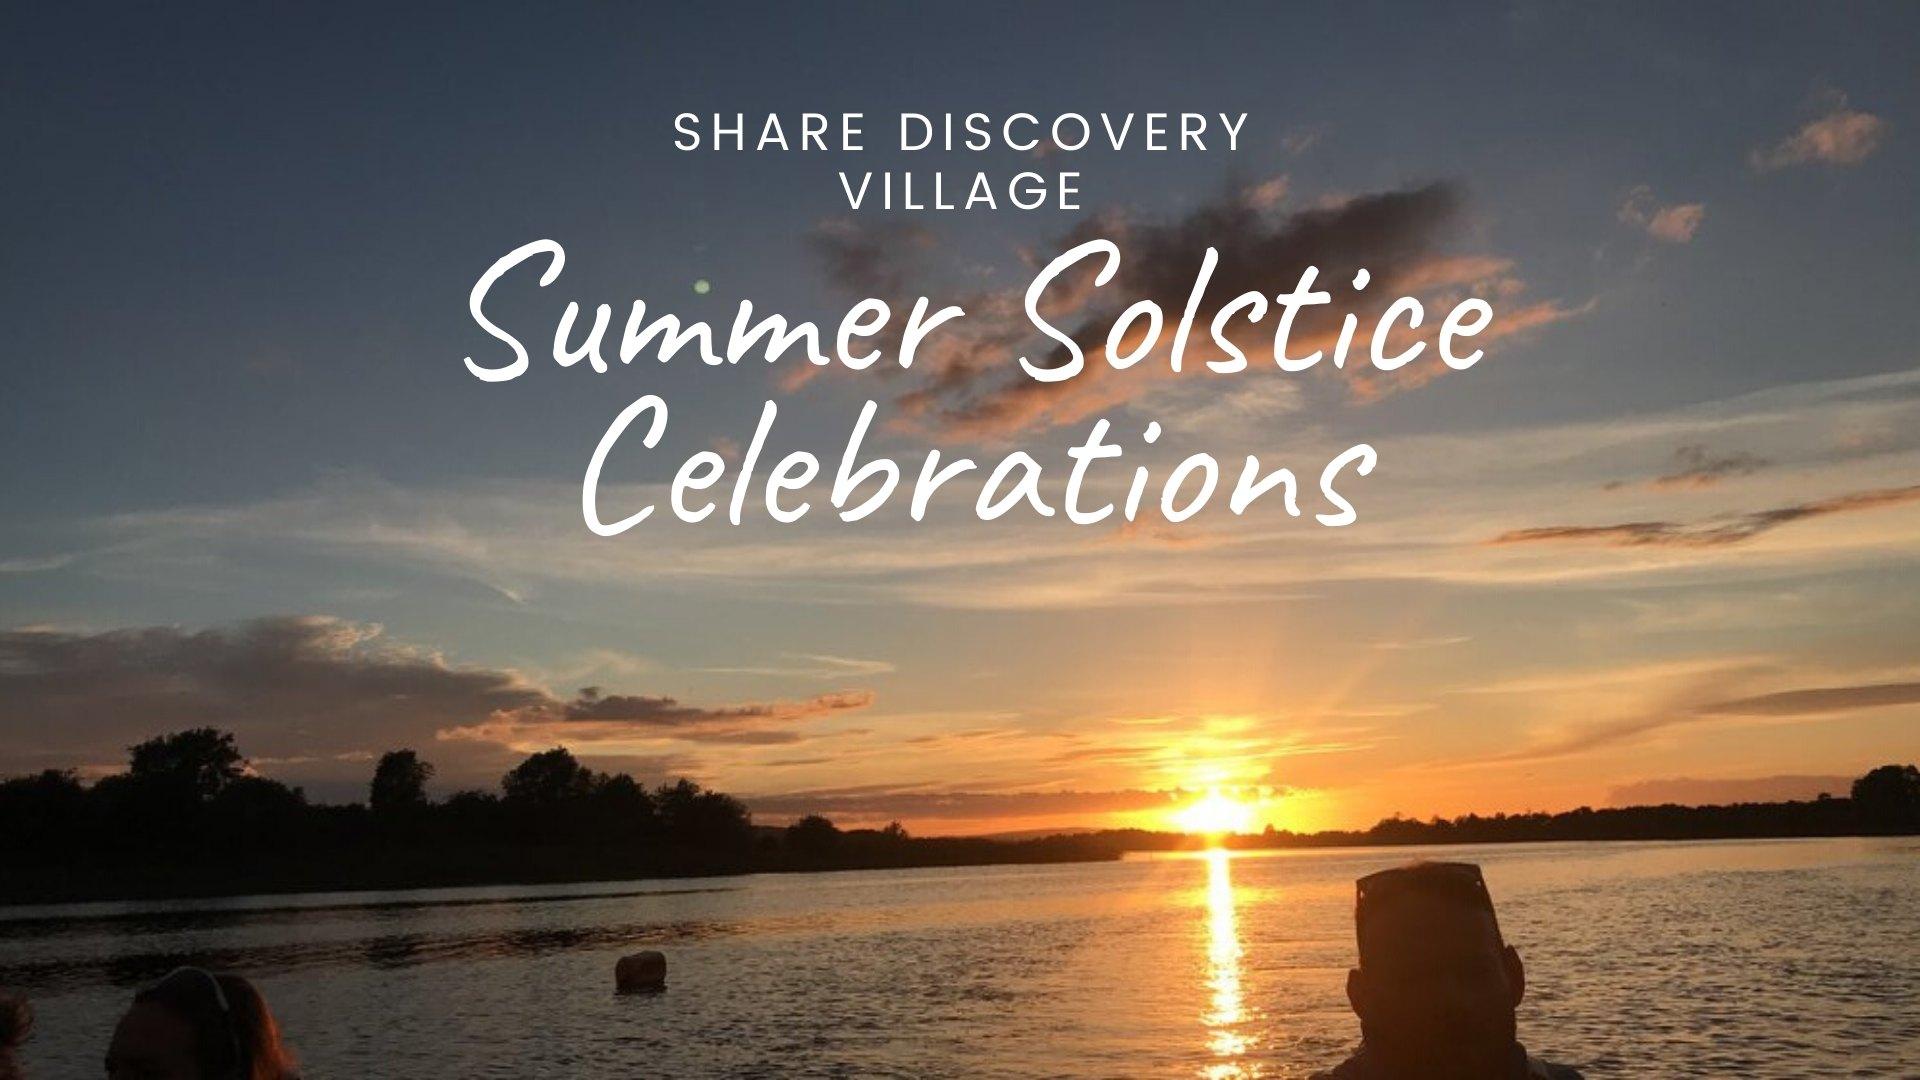 Summer Solstice Celebrations